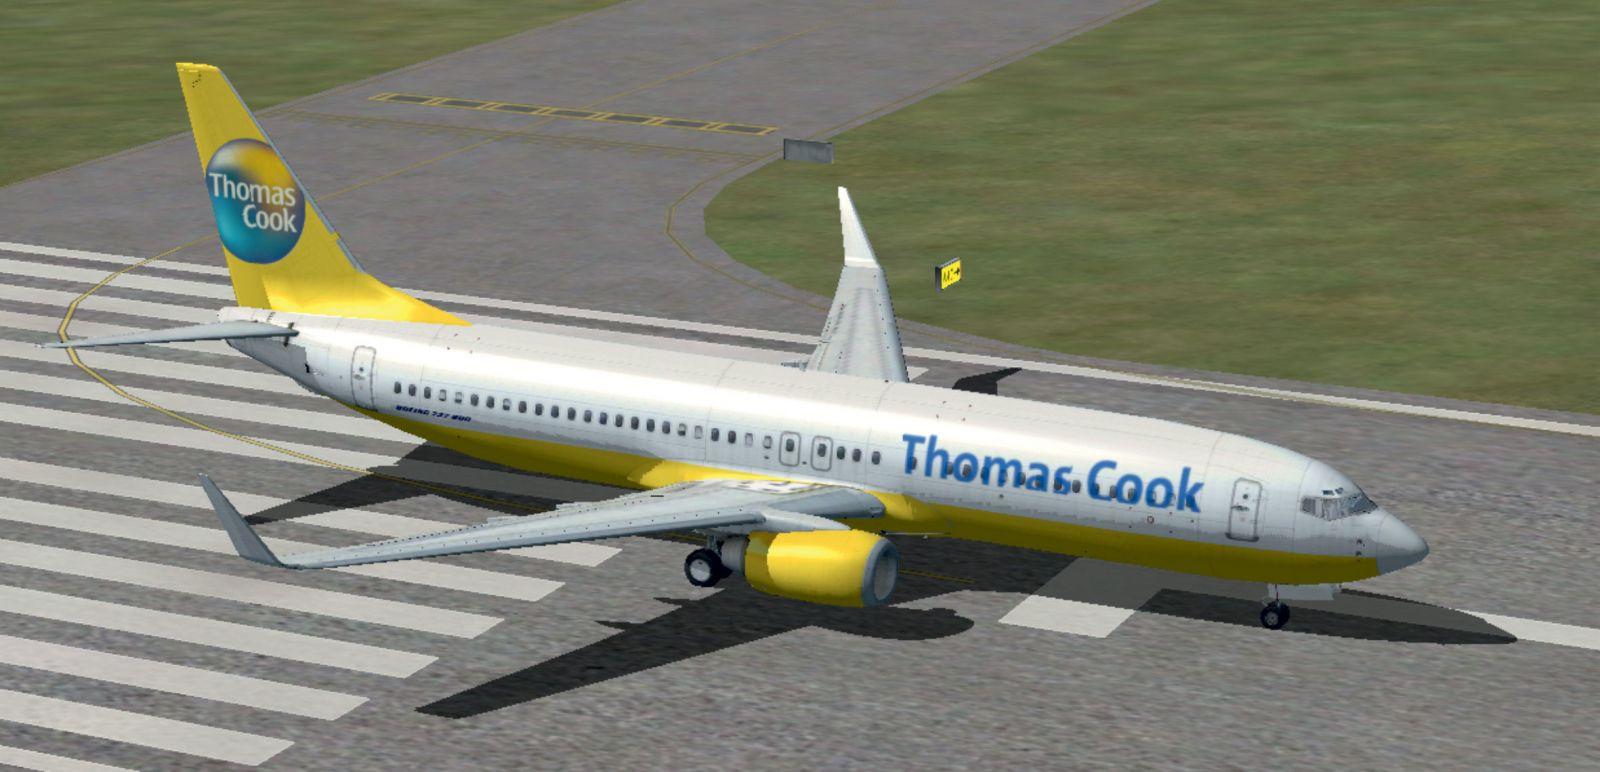 Thomas cook boeing 737 800 on runway